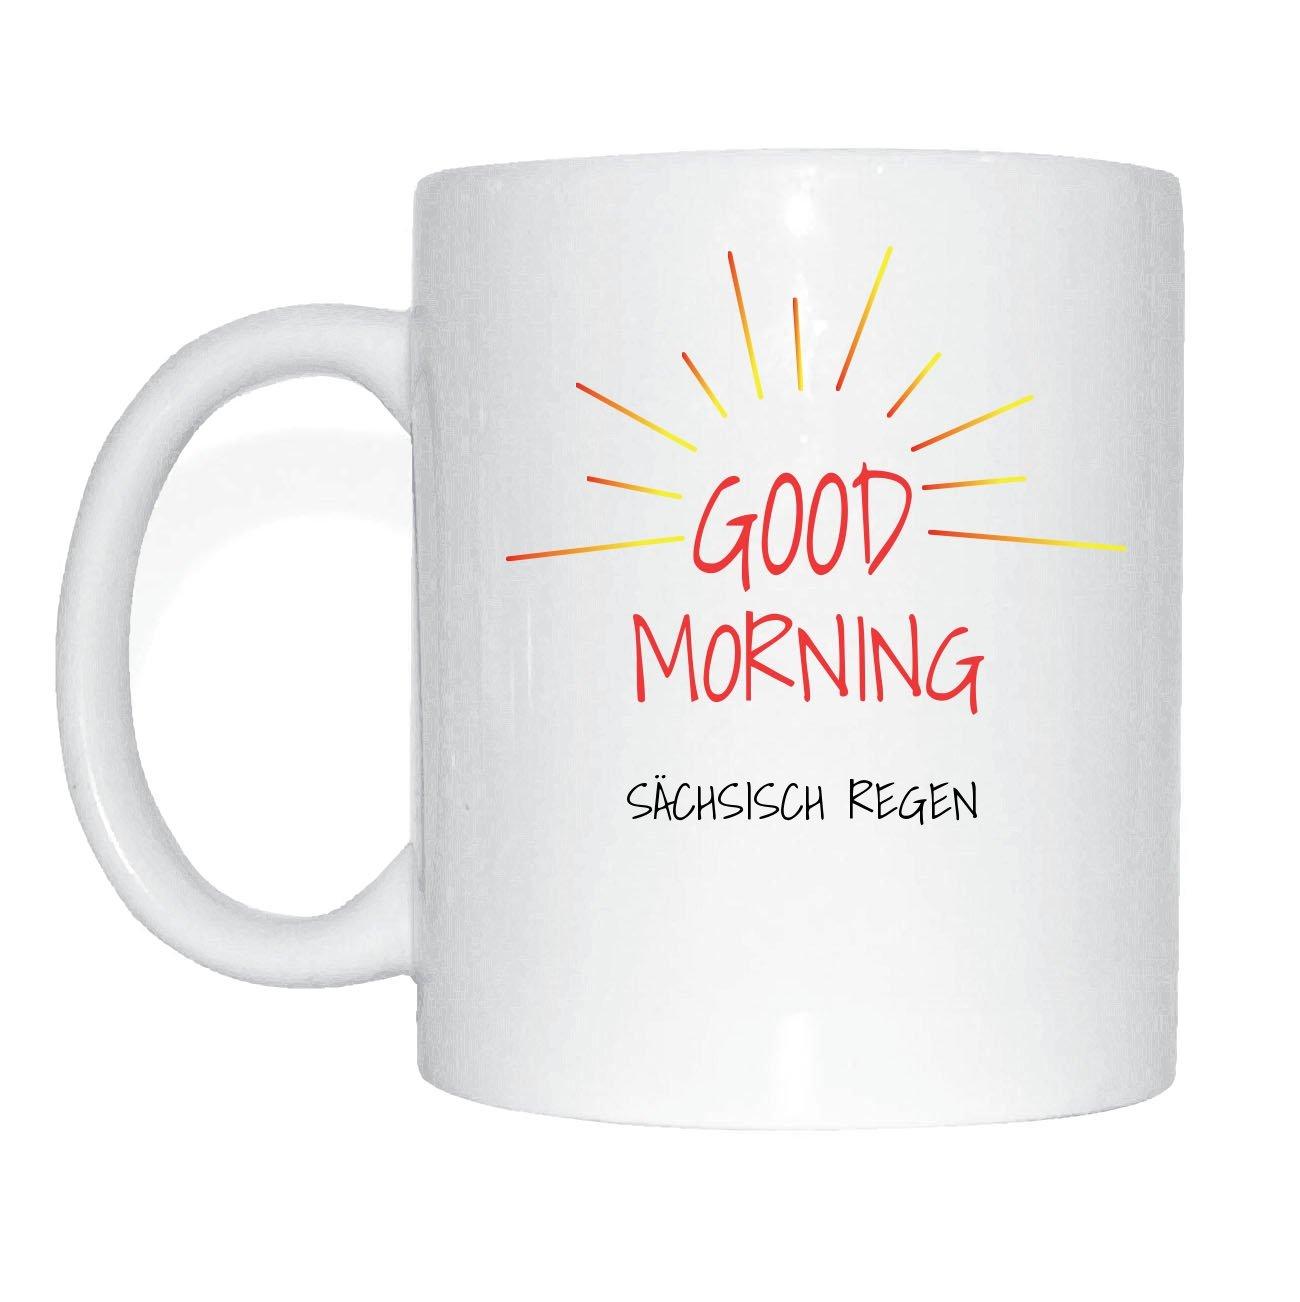 Amazonde Jollify Sächsisch Regen Kaffeetasse Tasse Becher